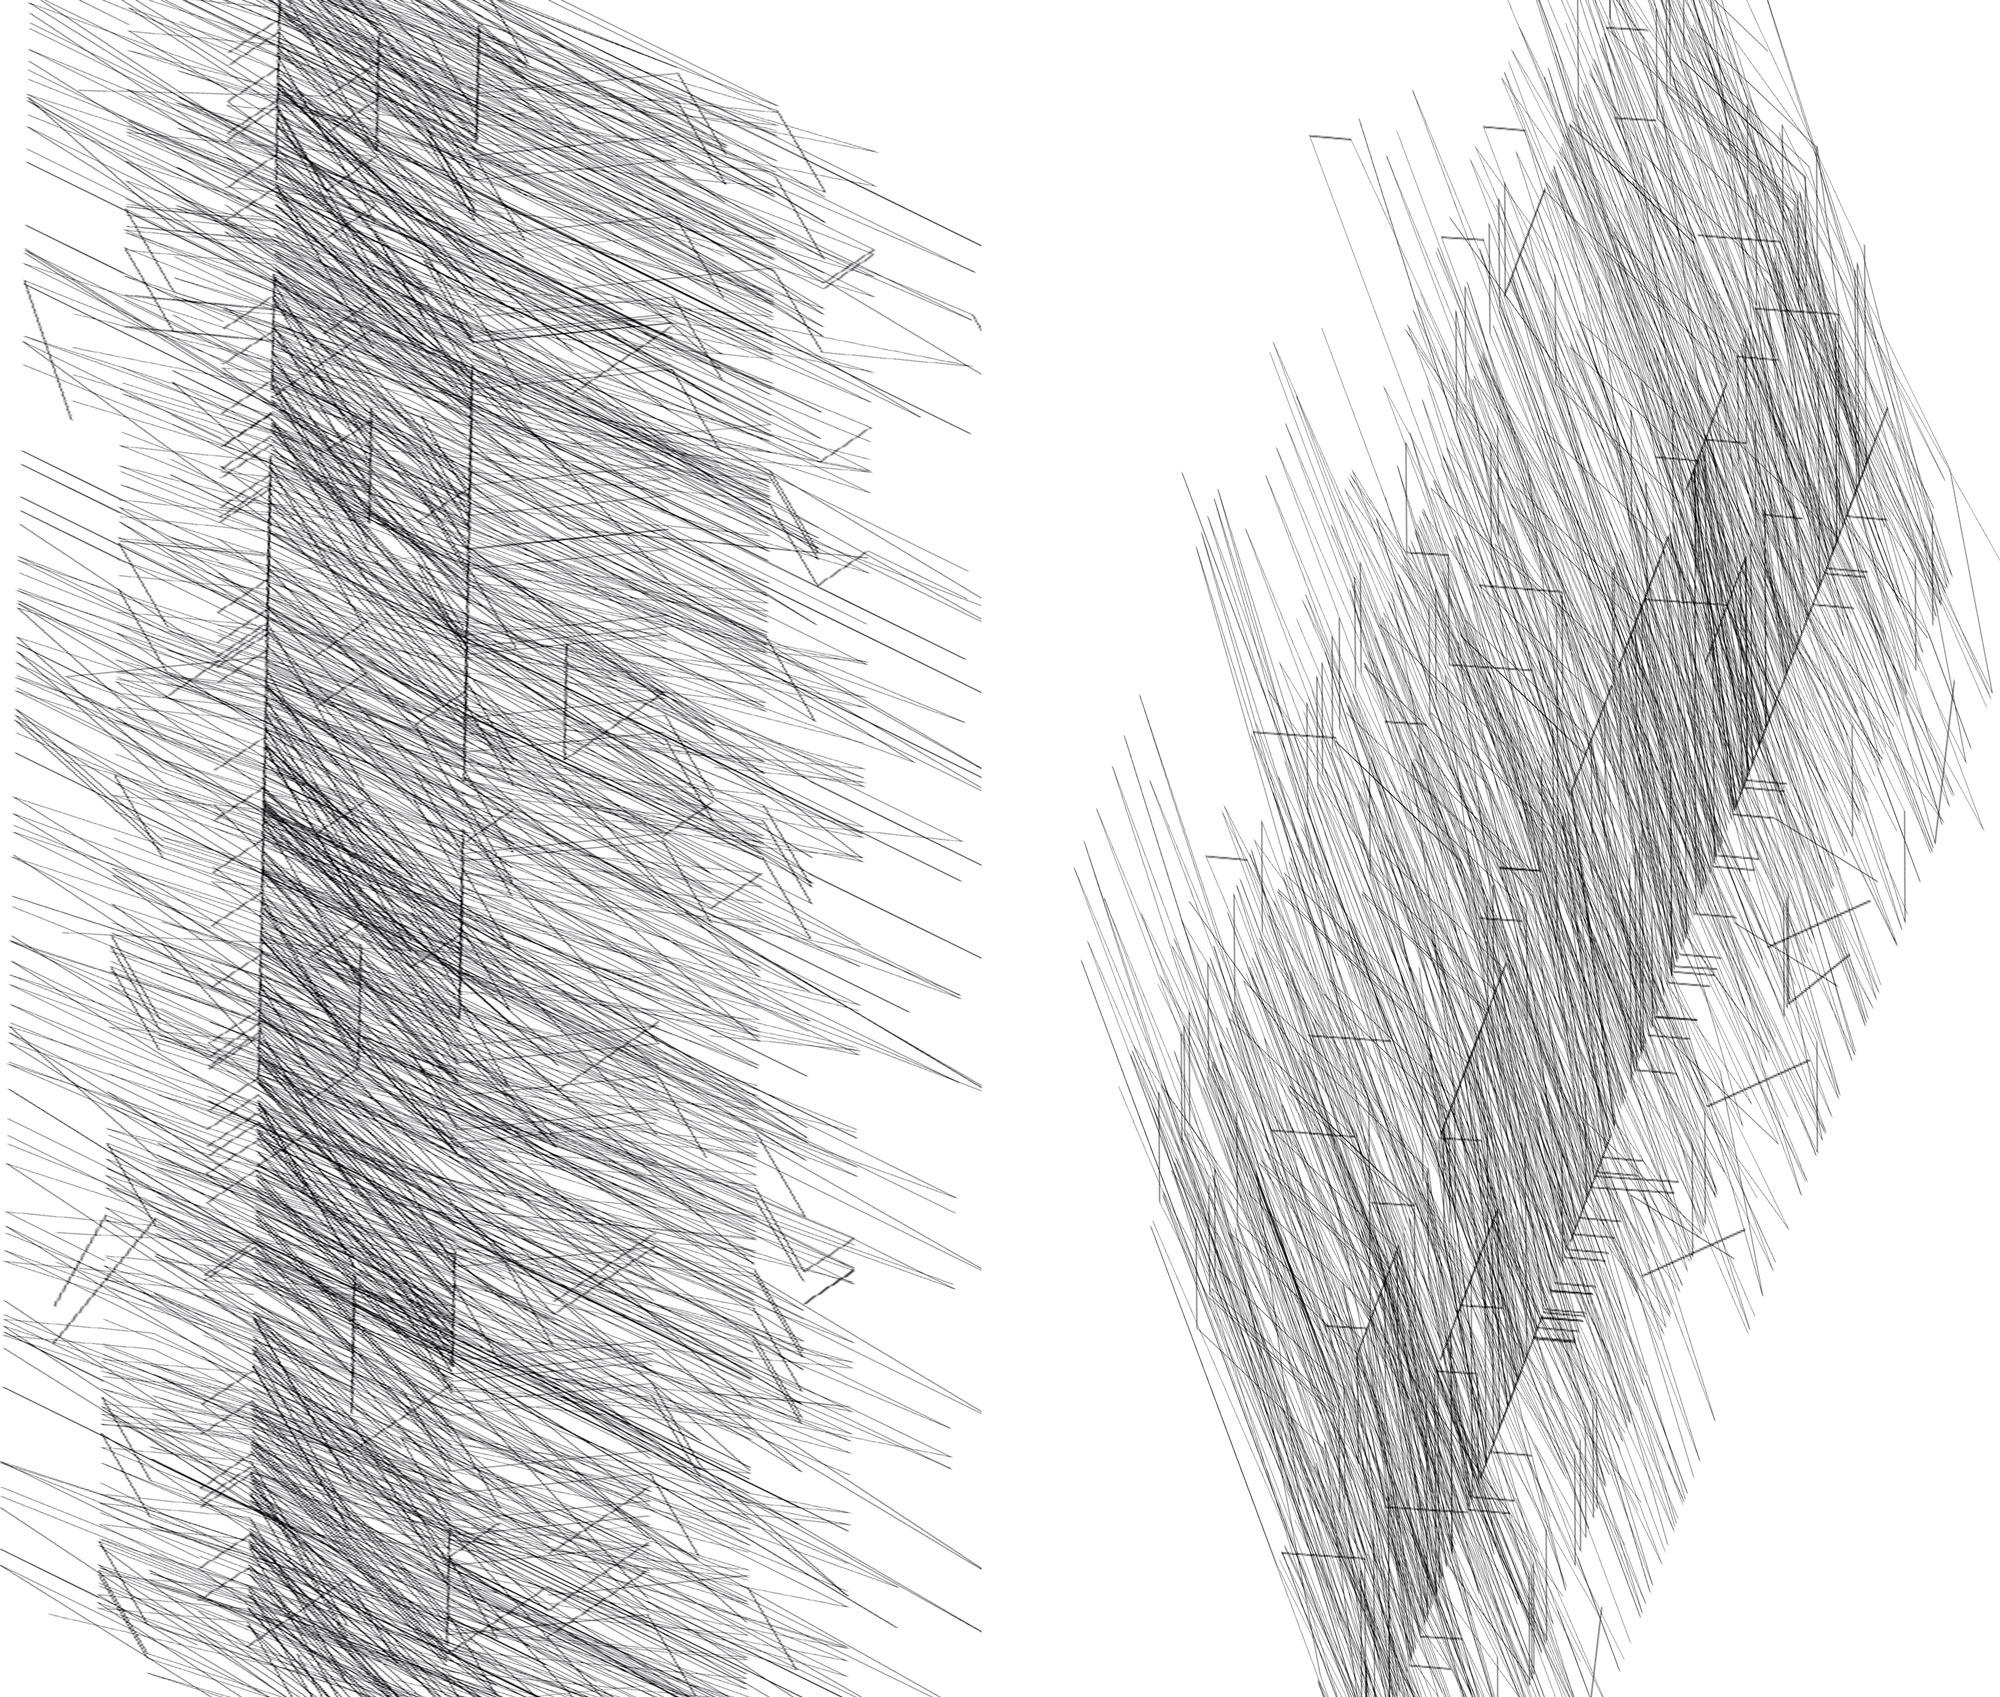 Herwig Steiner(1956L), Konzeptuelle Zeichnung{34}, Ausschnittkonstellation 2 Textbewegungsprotokoll, 2019